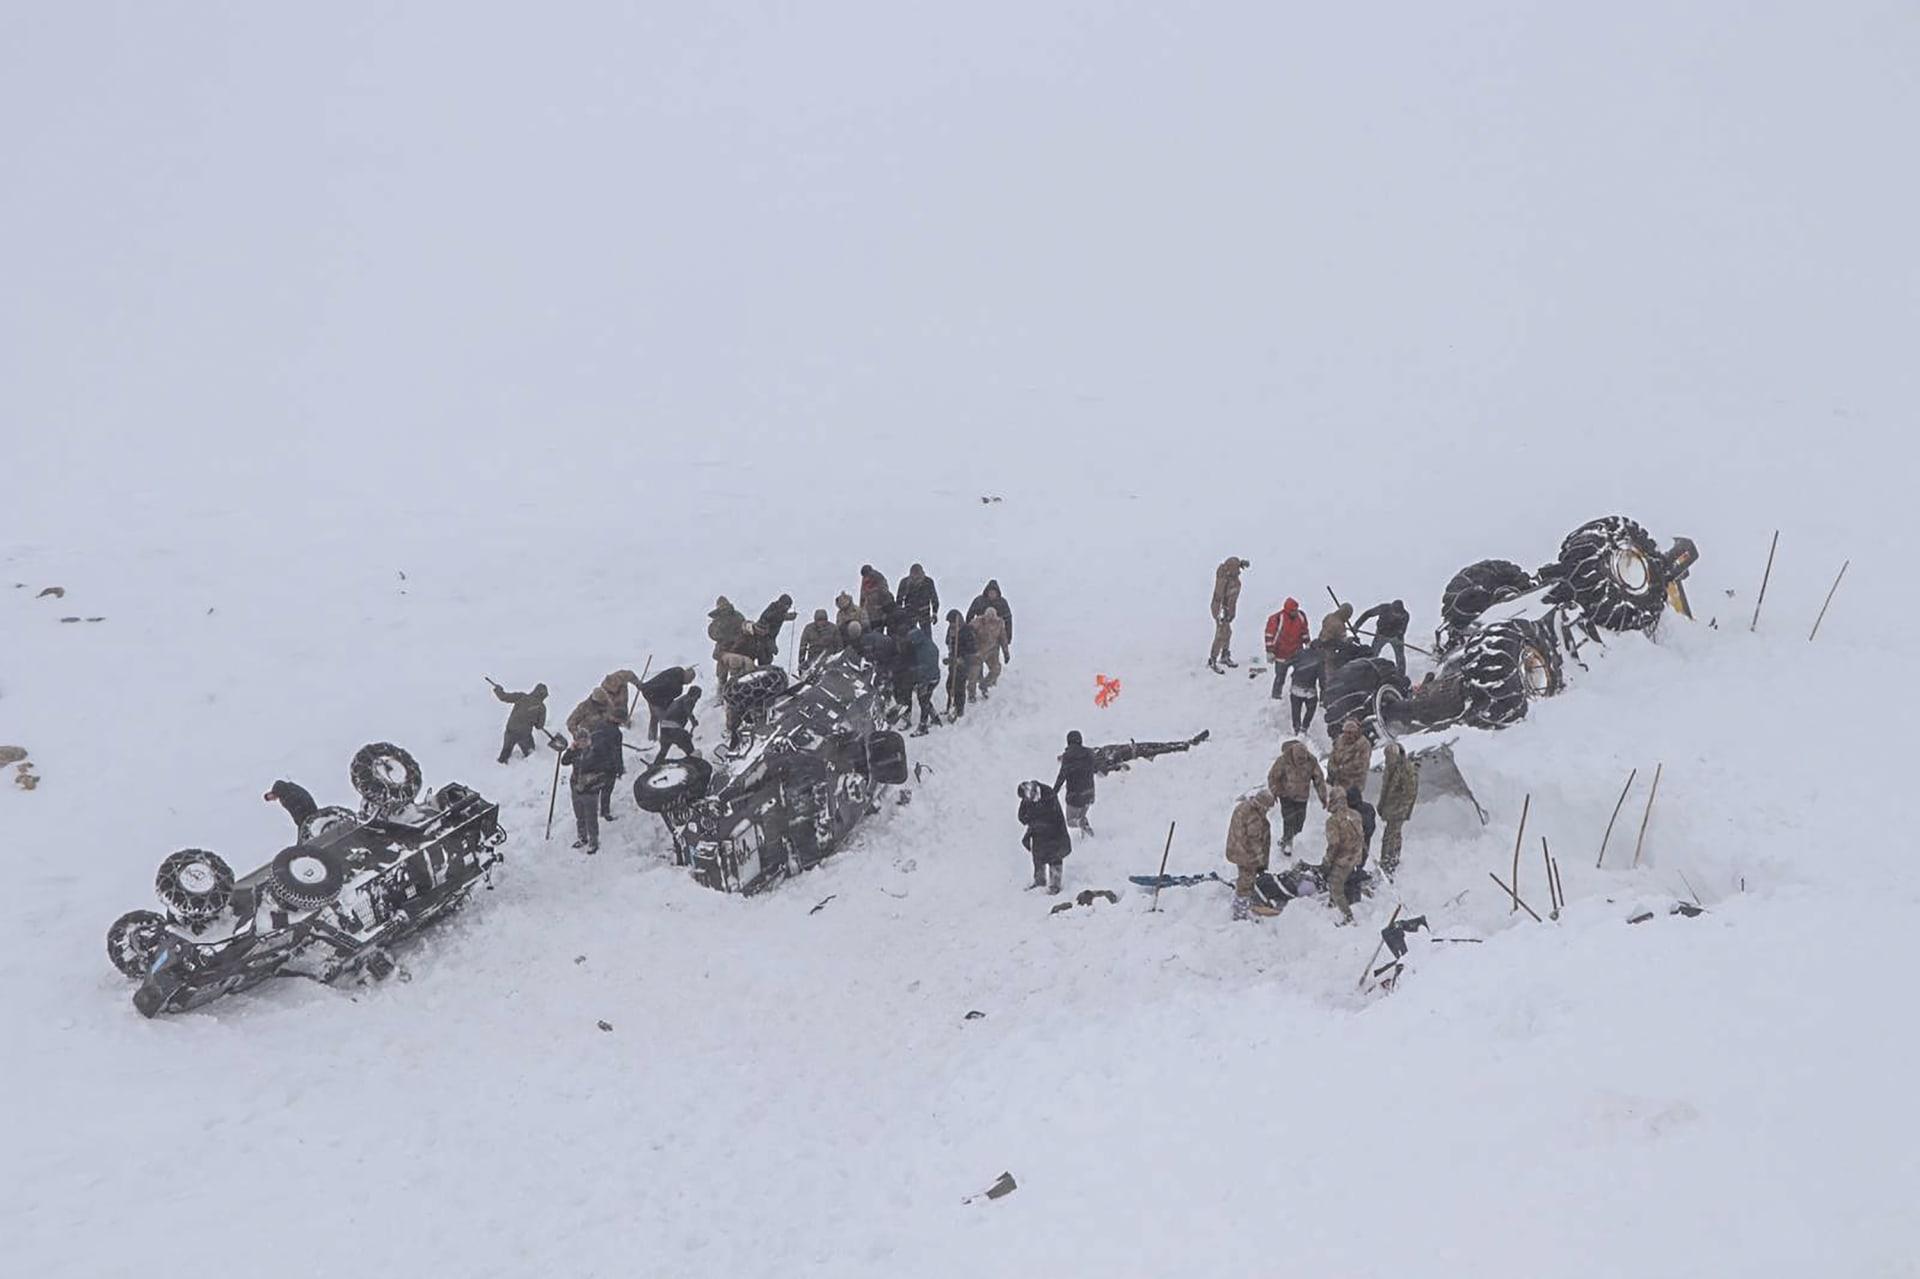 انهيار جليدي شرقي تركيا يخلف عشرات القتلى والمصابين